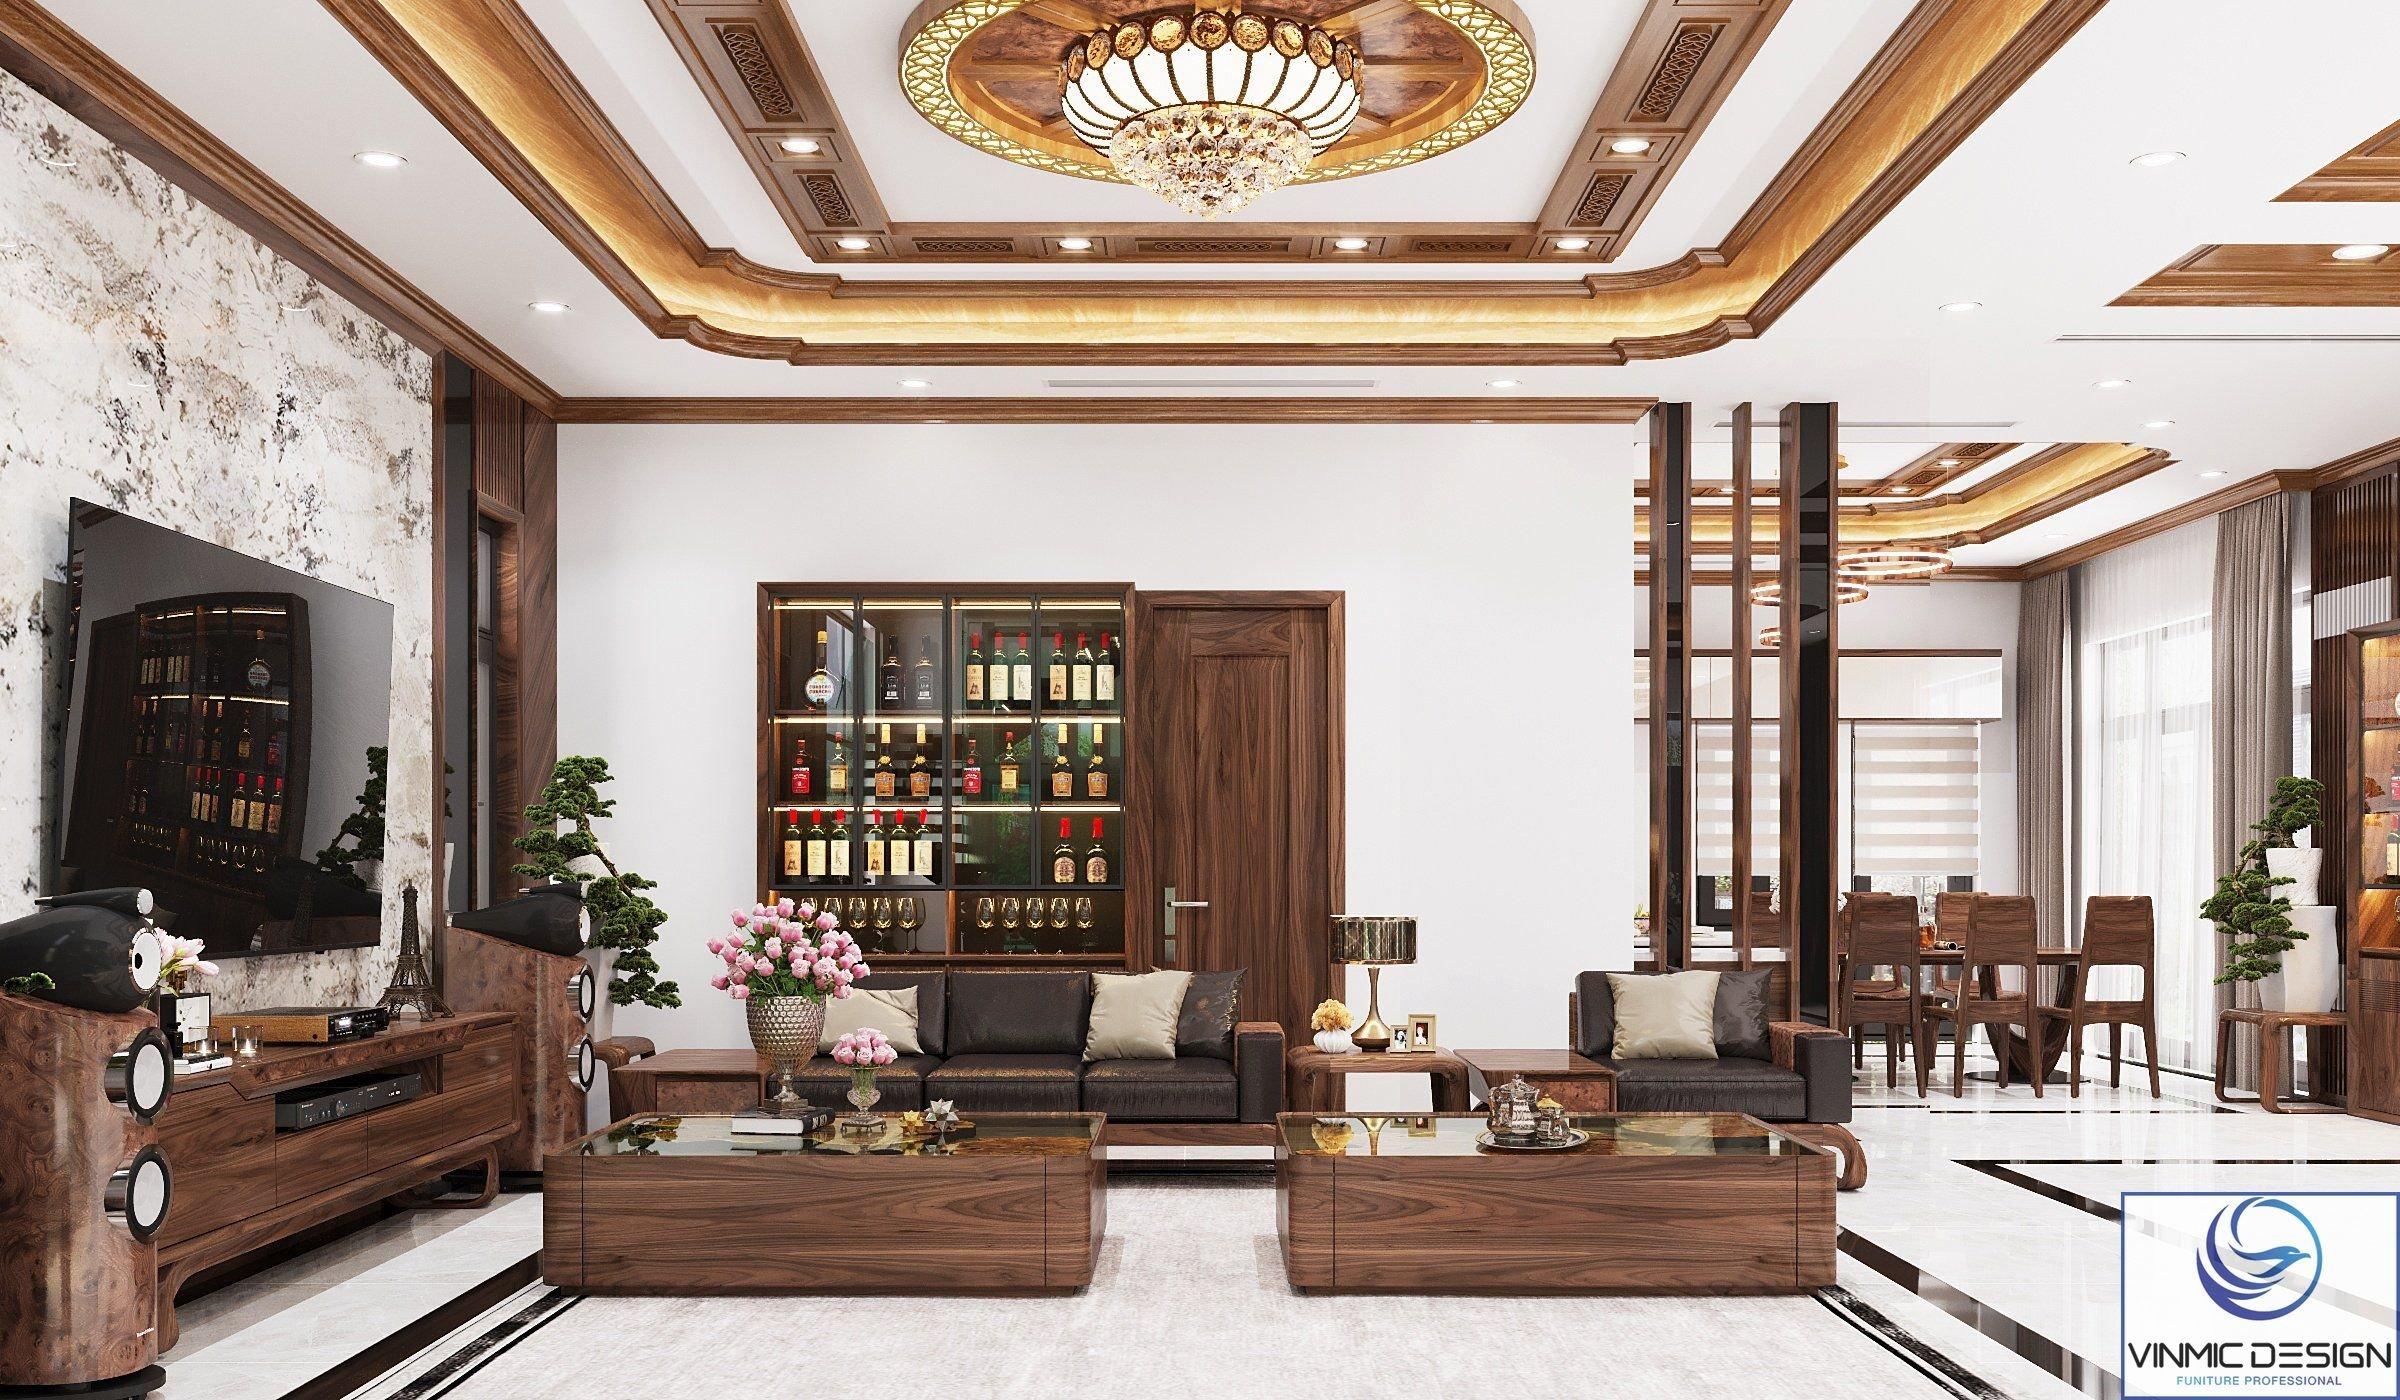 Lựa chọn chất liệu gỗ để thiết kế nội thất phòng khách là giải pháp vô cùng lý tưởng toát nên sự sang trọng cho ngôi biệt thự